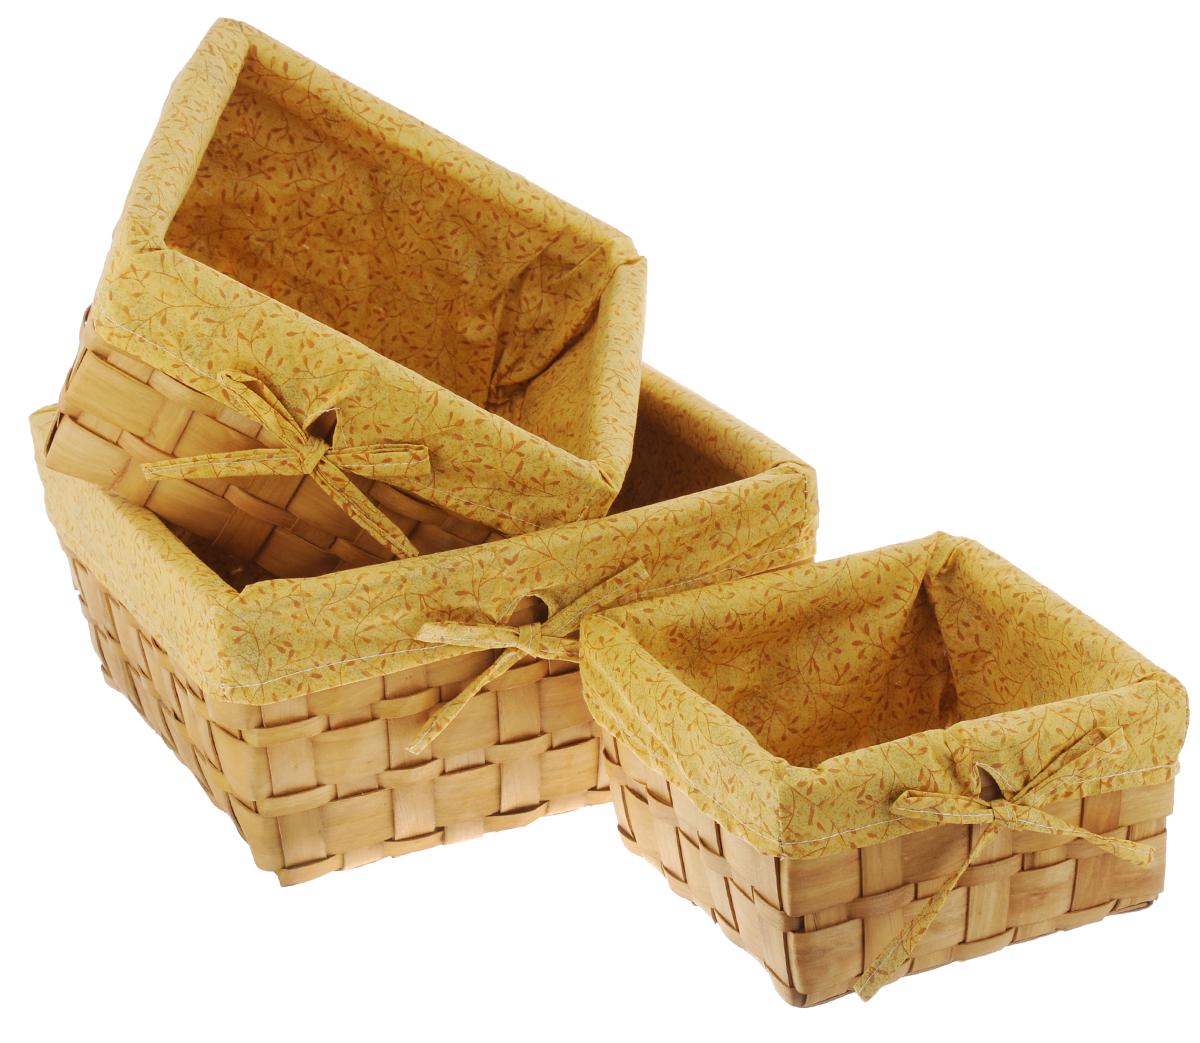 Набор плетеных корзинок Miolla, 3 шт. QL400449QL400449Набор Miolla состоит из трех квадратных плетеных корзинок разного размера. Изделия выполнены из плетеной древесины и обтянуты тканью с оригинальным растительным узором. Такие корзинки прекрасно подойдут для хранения хлеба и других хлебобулочных изделий, печенья, а также бытовых принадлежностей и различных мелочей. Стильный дизайн корзинок сделает их украшением интерьера помещения. Подойдут для кухни, спальни, прихожей, ванной. Размер малой корзины: 21 х 21 х 11,5 см. Размер средней корзины: 25 х 25 х 14 см. Размер большой корзины: 30 х 30 х 16 см.